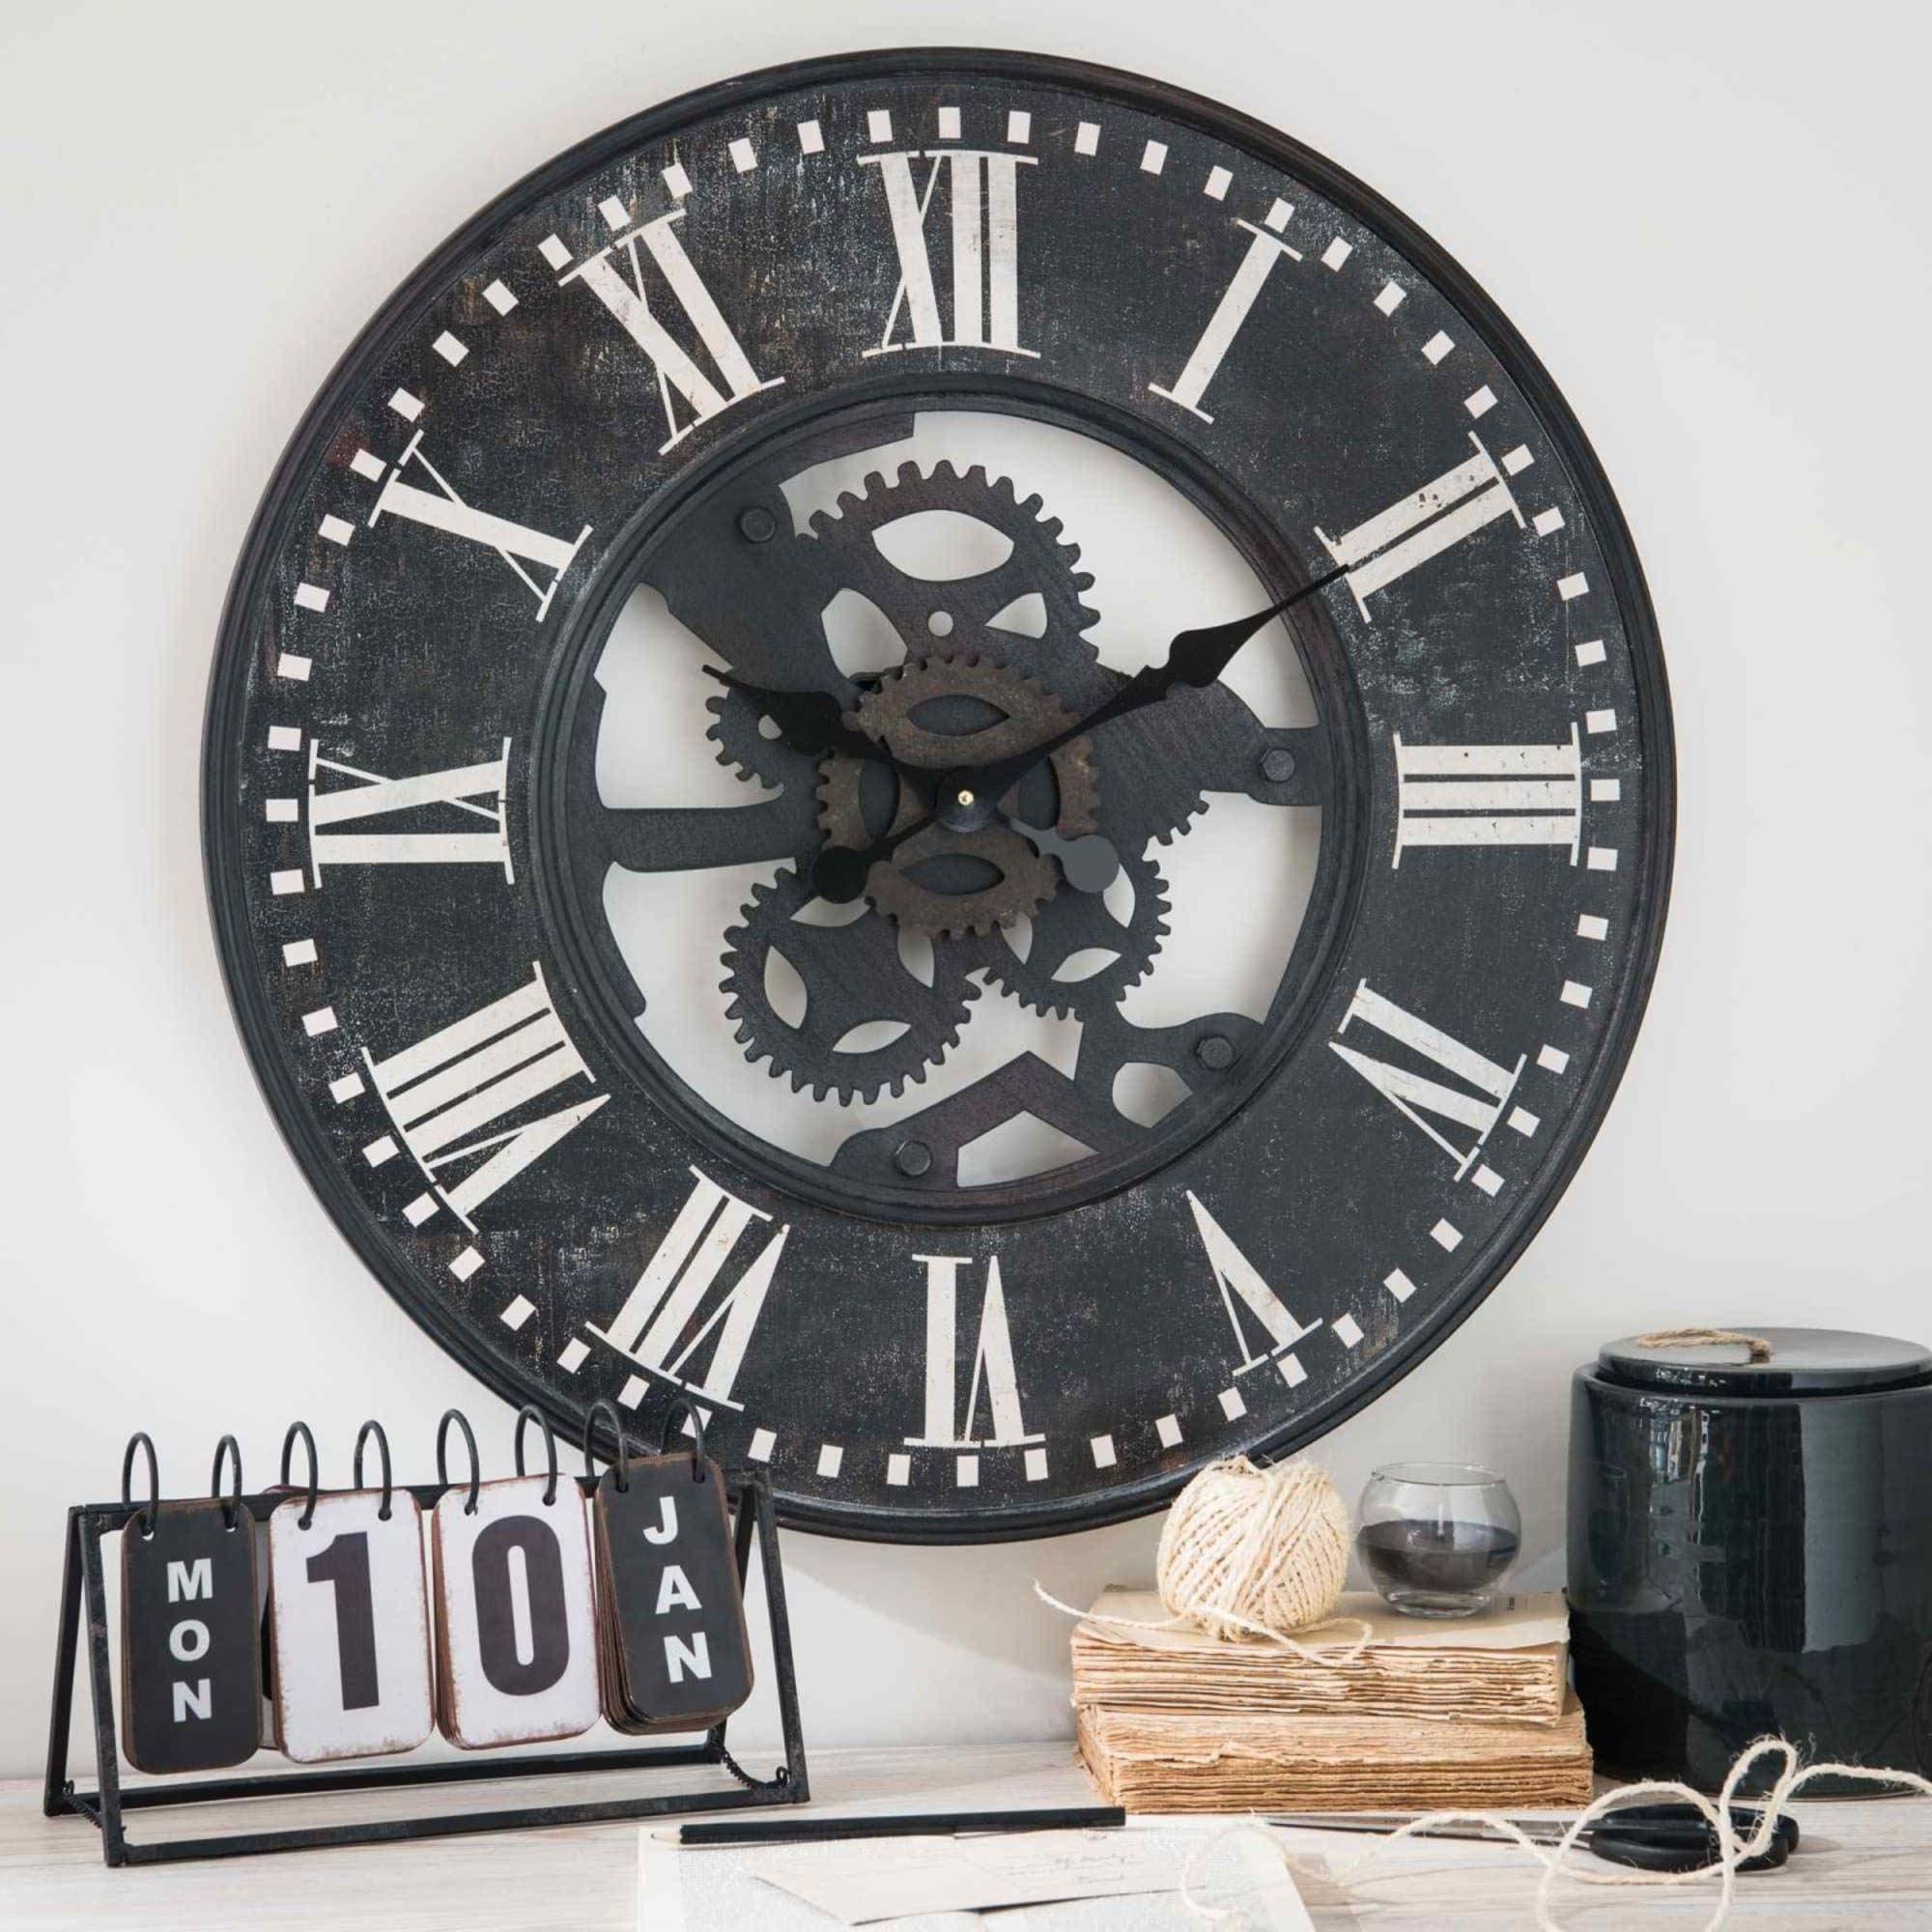 Horloge A Rouages En Metal Noir Effet Vieilli D60 Tobias Maisons Du Monde Horloge Maison Du Monde Horloge Horloge Murale Industrielle